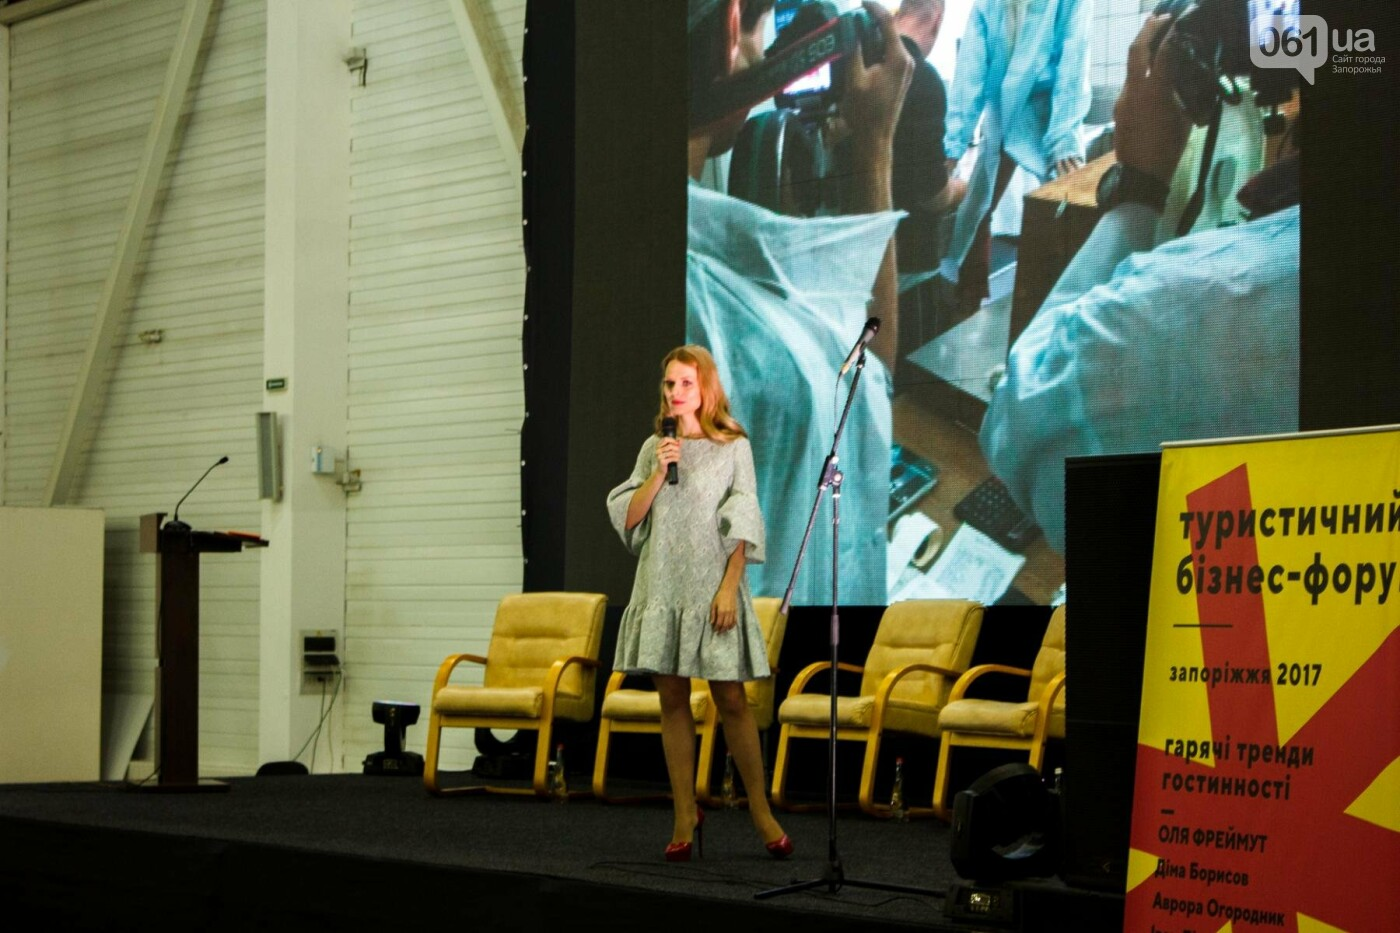 Запорожский Туристический Форум посетила телеведущая Ольга Фреймут, - ФОТОРЕПОРТАЖ, фото-4